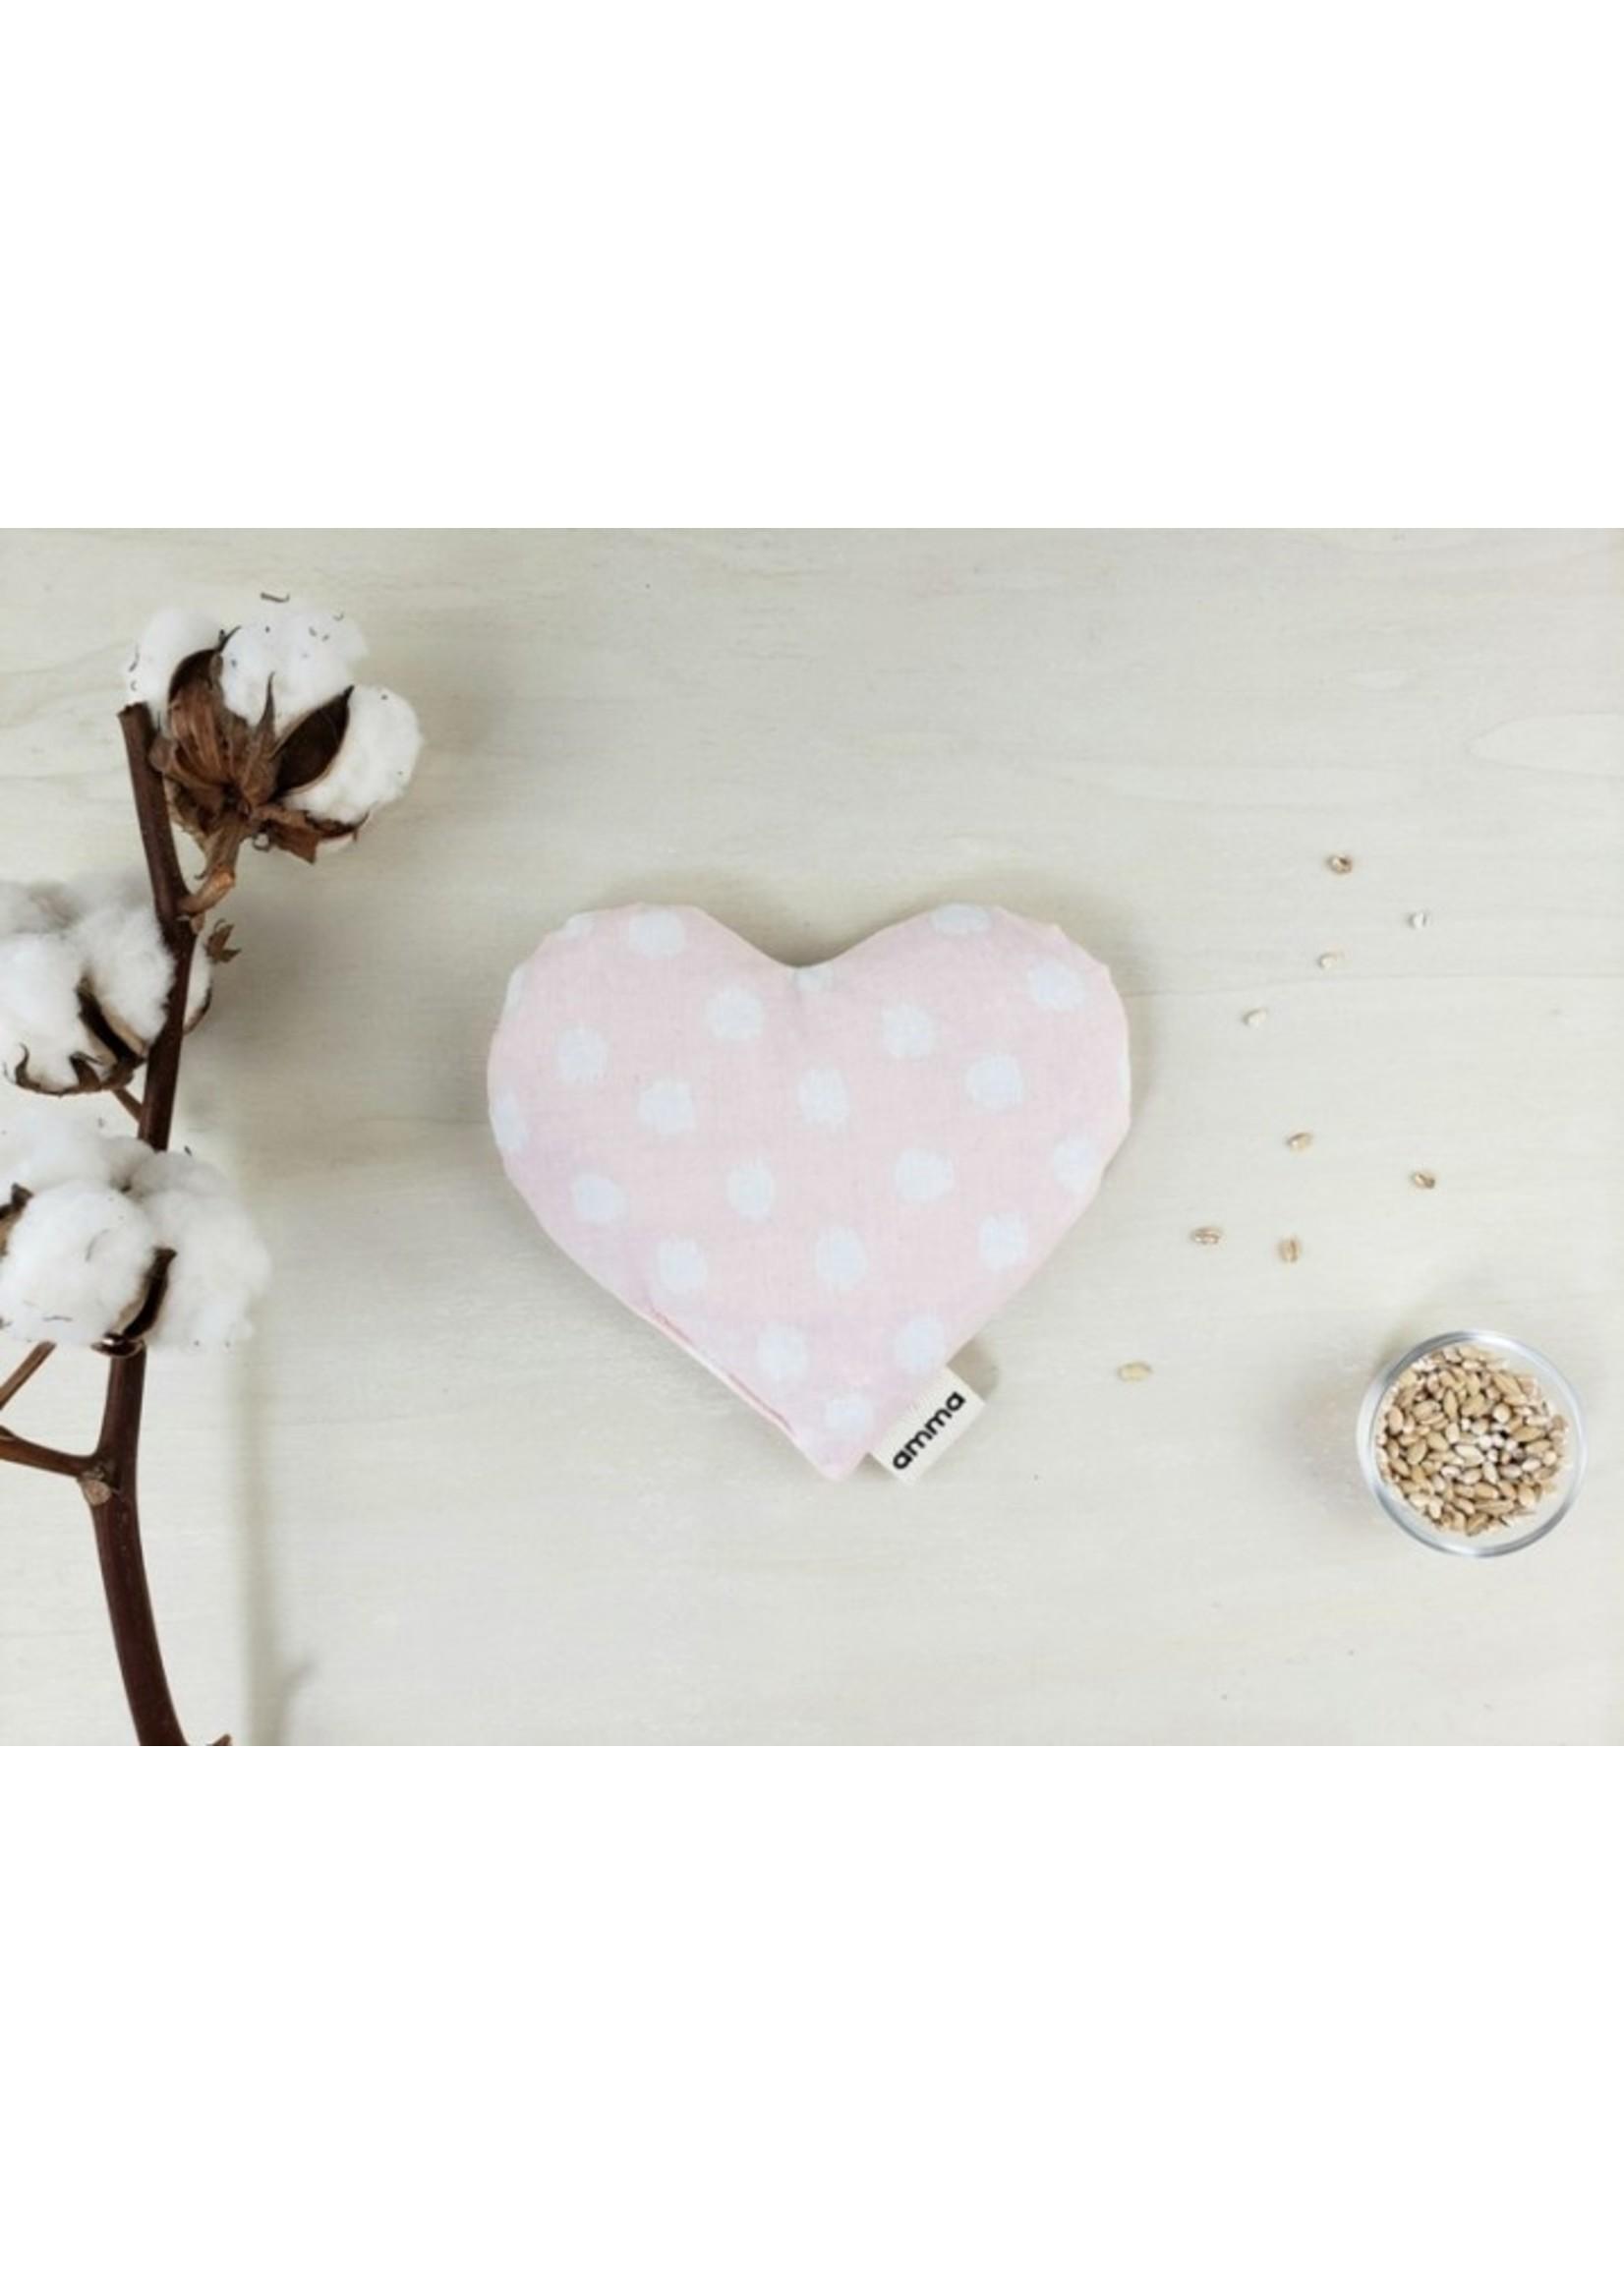 Amma Thérapie Coussin réconfort cœur -Picoté rose et blanc